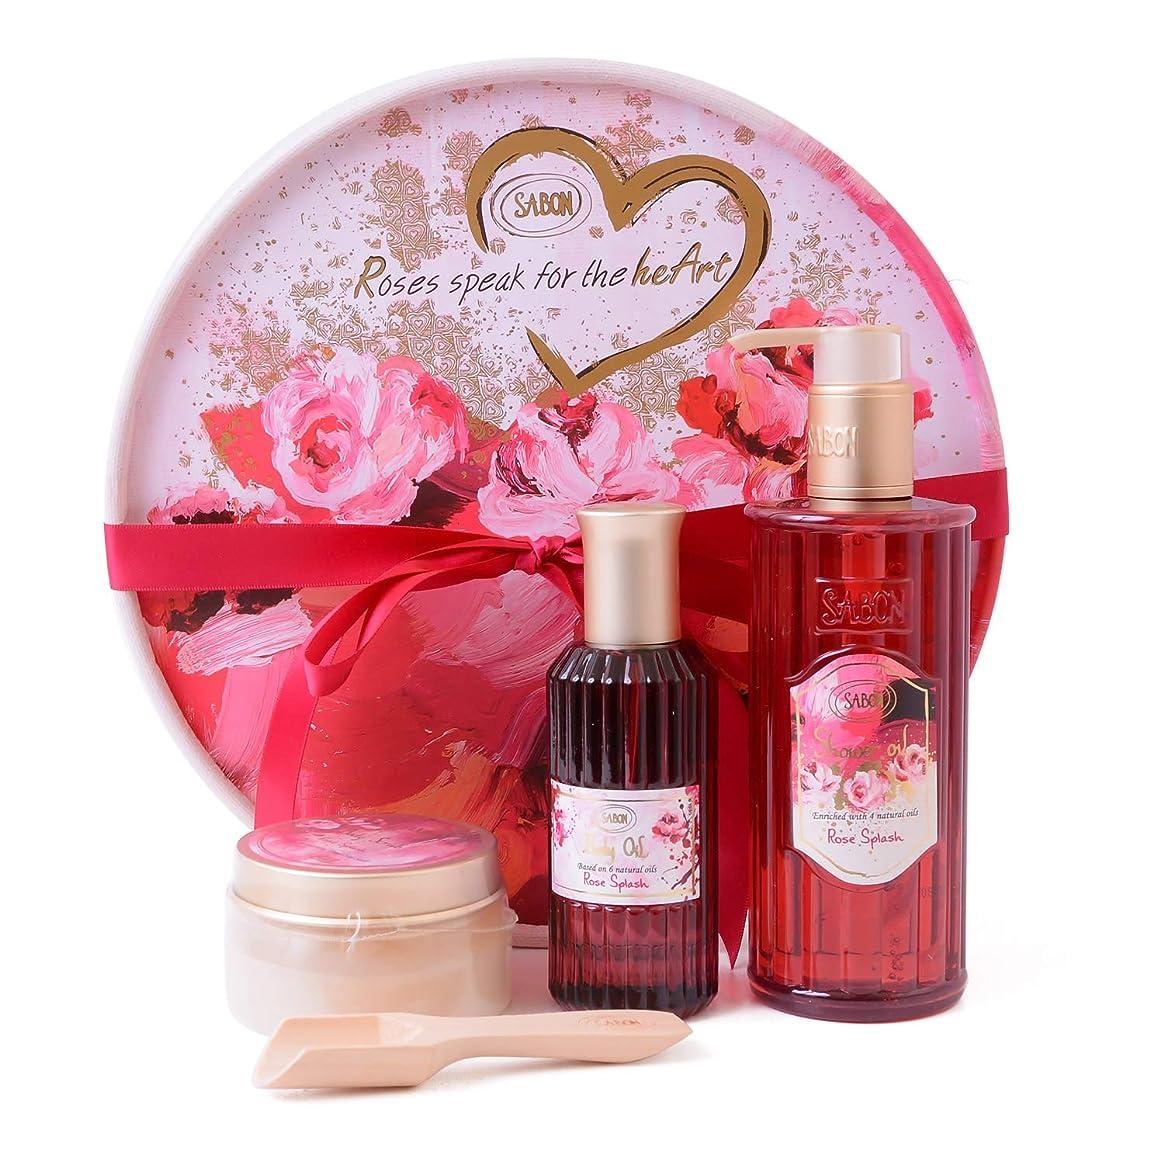 トライアスロン血色の良いファウル[サボン] SABON ギフトセット Roses speak for the heart シャワーオイル ボディスクラブ ボディオイル ショップバッグ付 (限定セット)